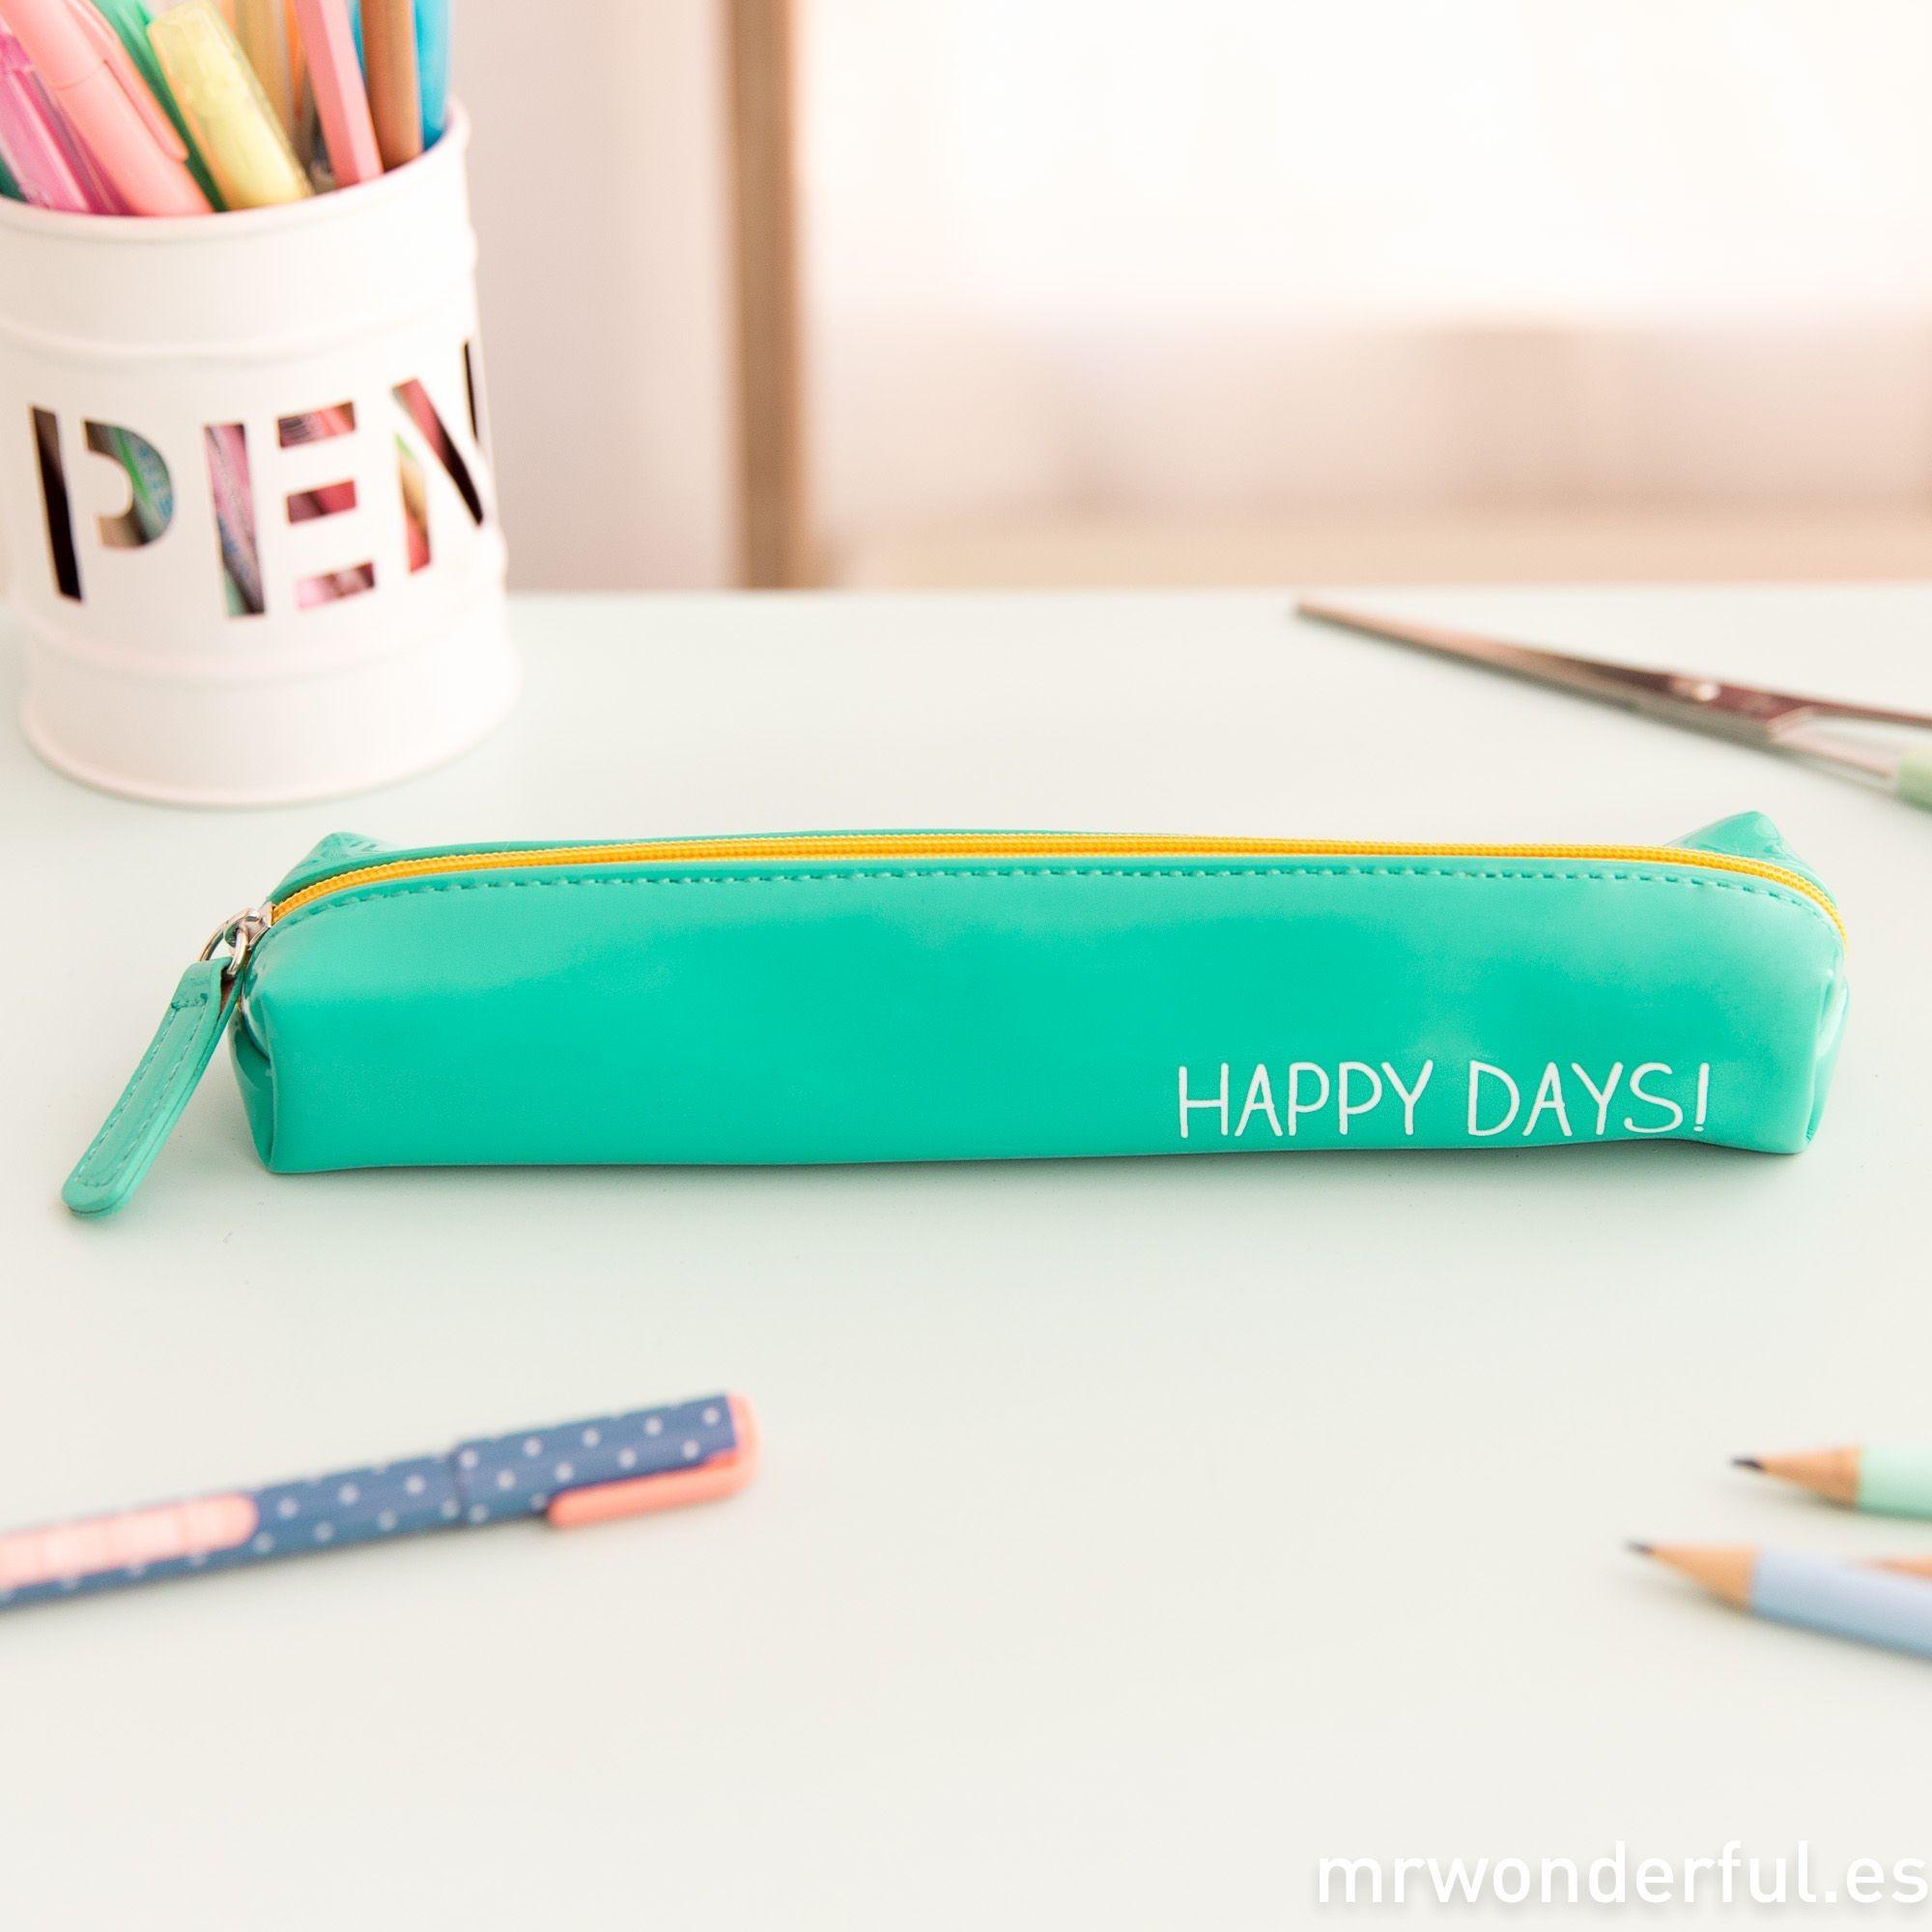 """Calendario Escolar Oficial 2018 Y 2019 Sep Más Populares Estuche Mint Peque±o """"happy Days"""" Guarda todos Tus Bolis Lápices"""